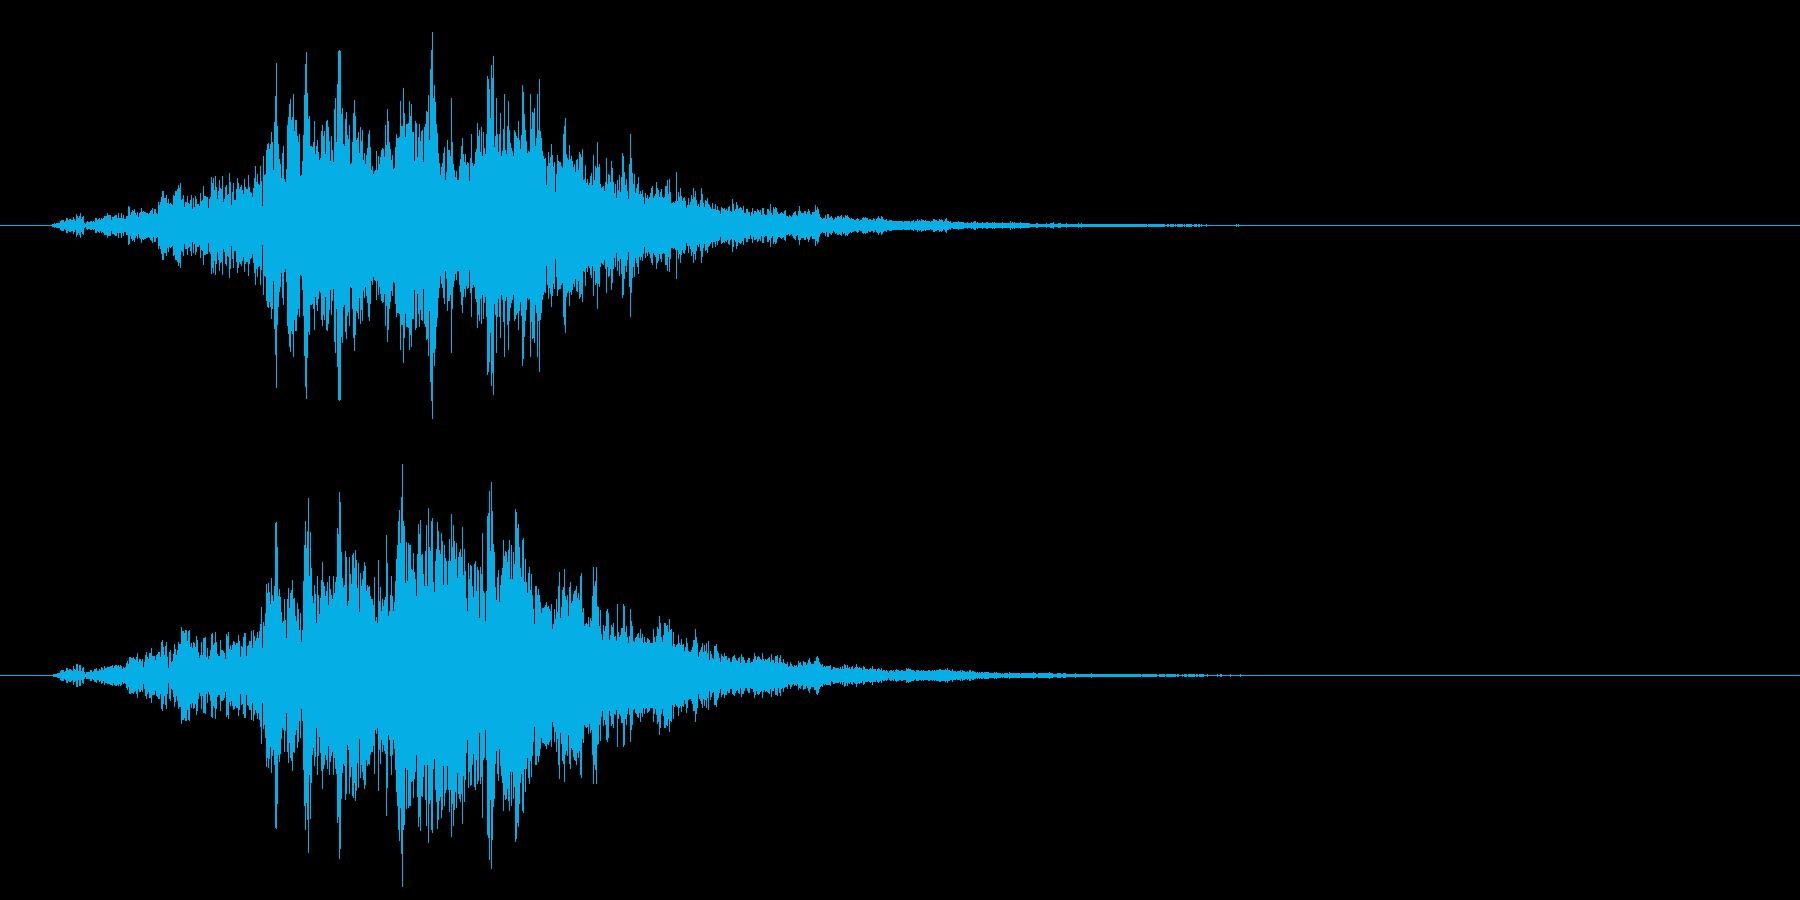 古いパソコンの起動音風ジングル4の再生済みの波形